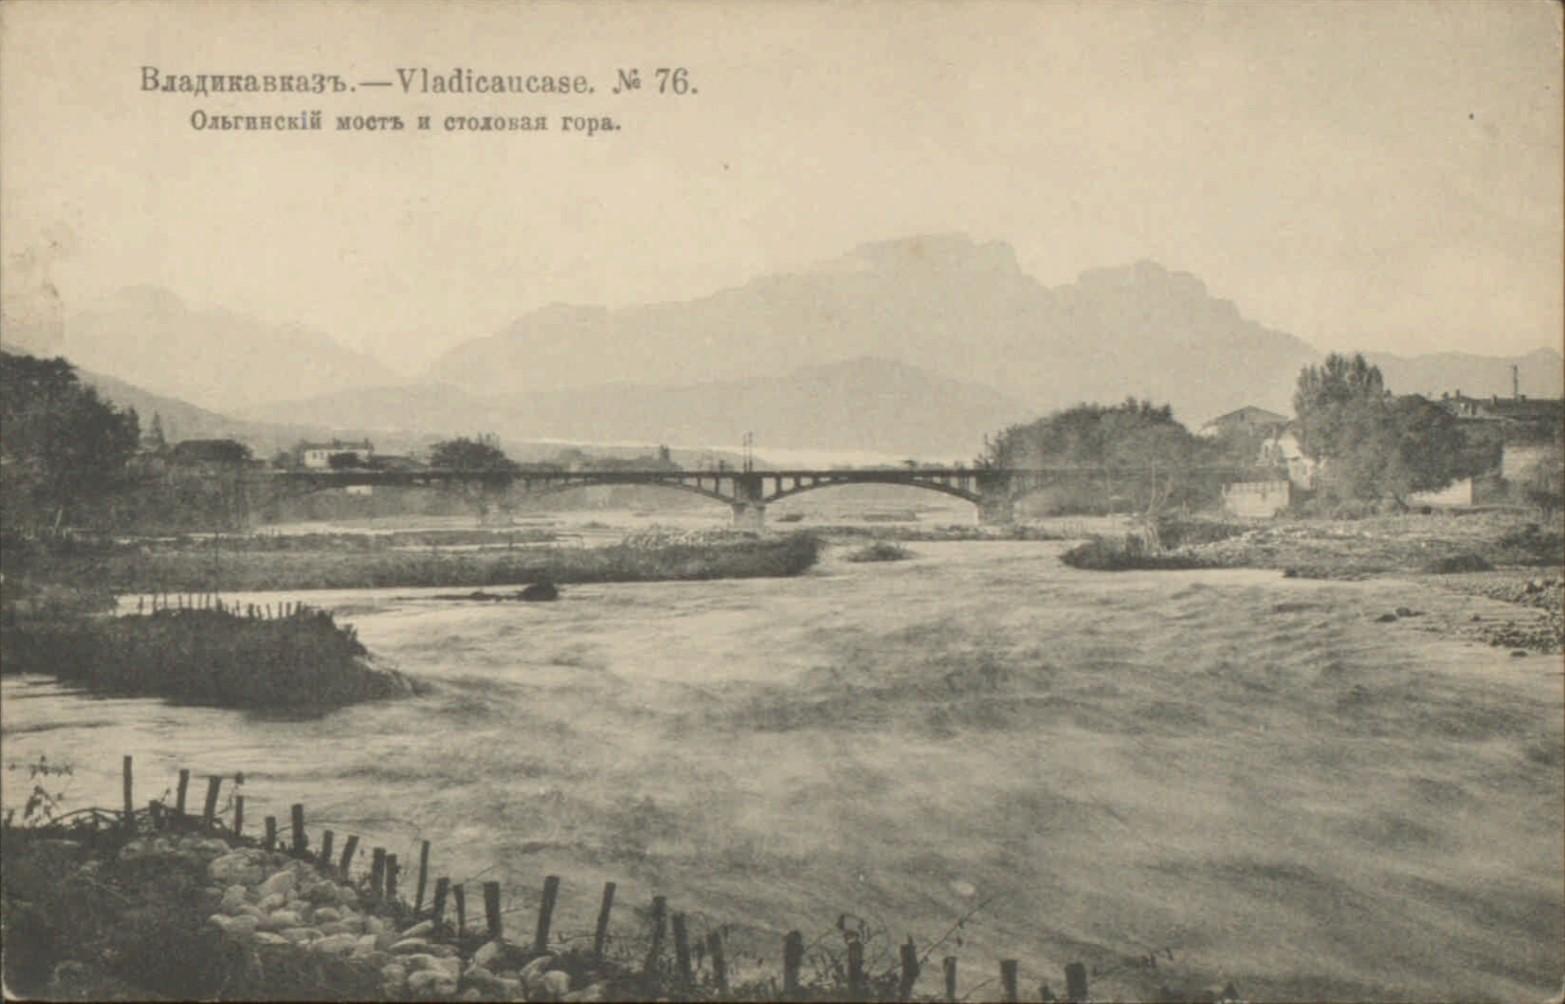 Ольгинский мост и столовая гора